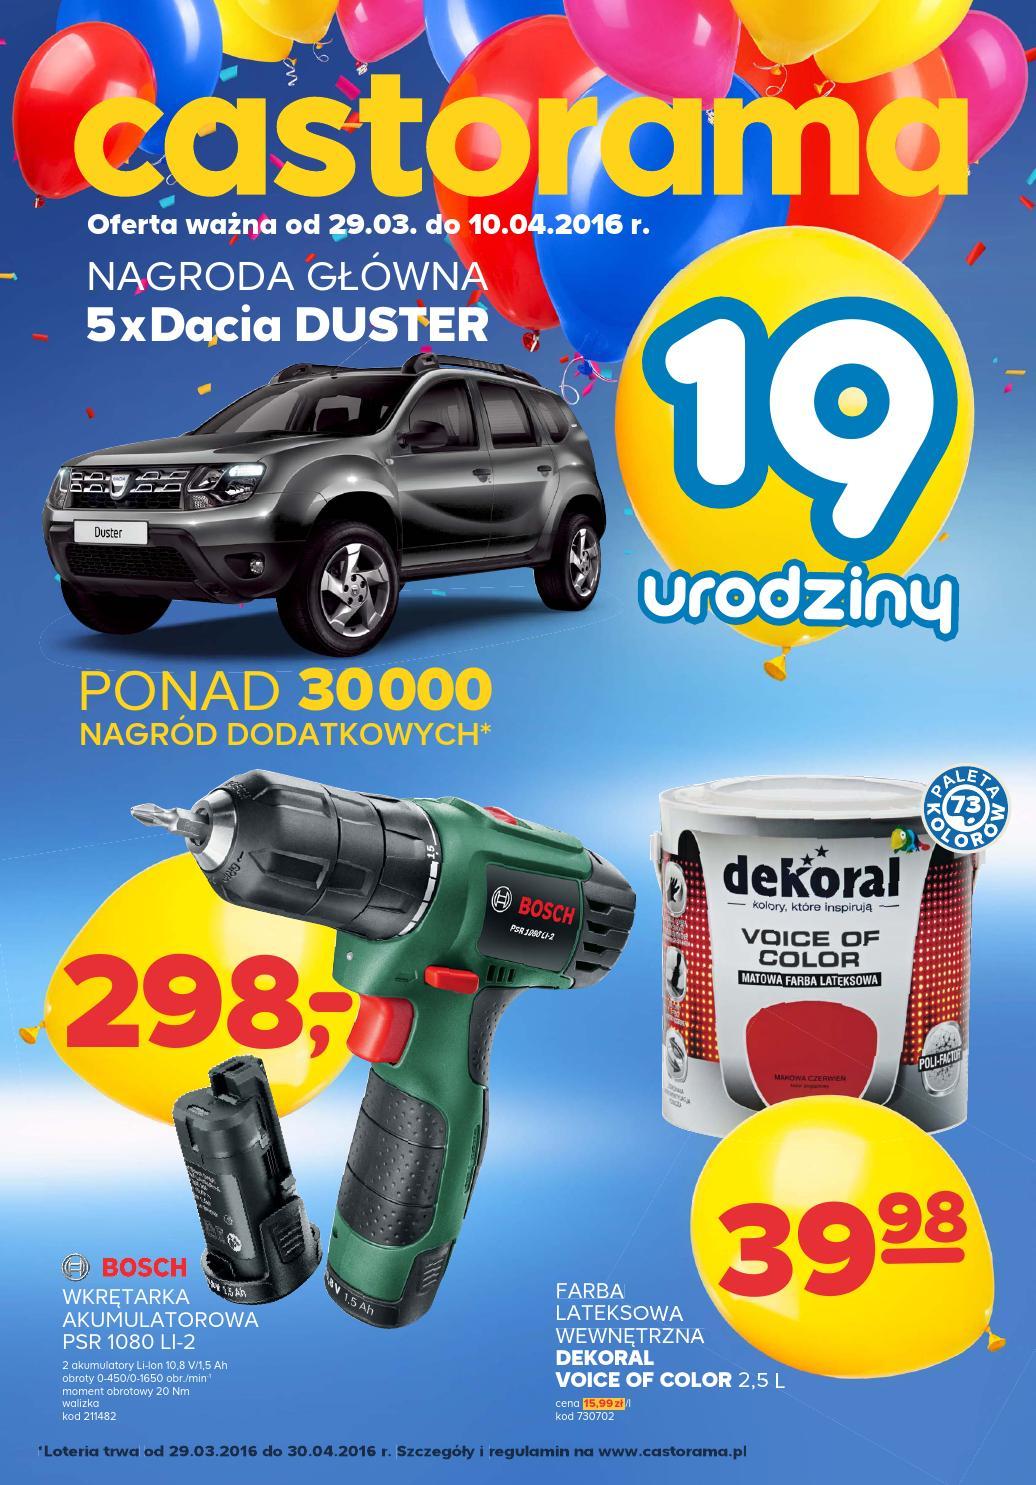 Castorama Gazetka Od 29 03 Do 10 04 2016 By Iulotka Pl Issuu